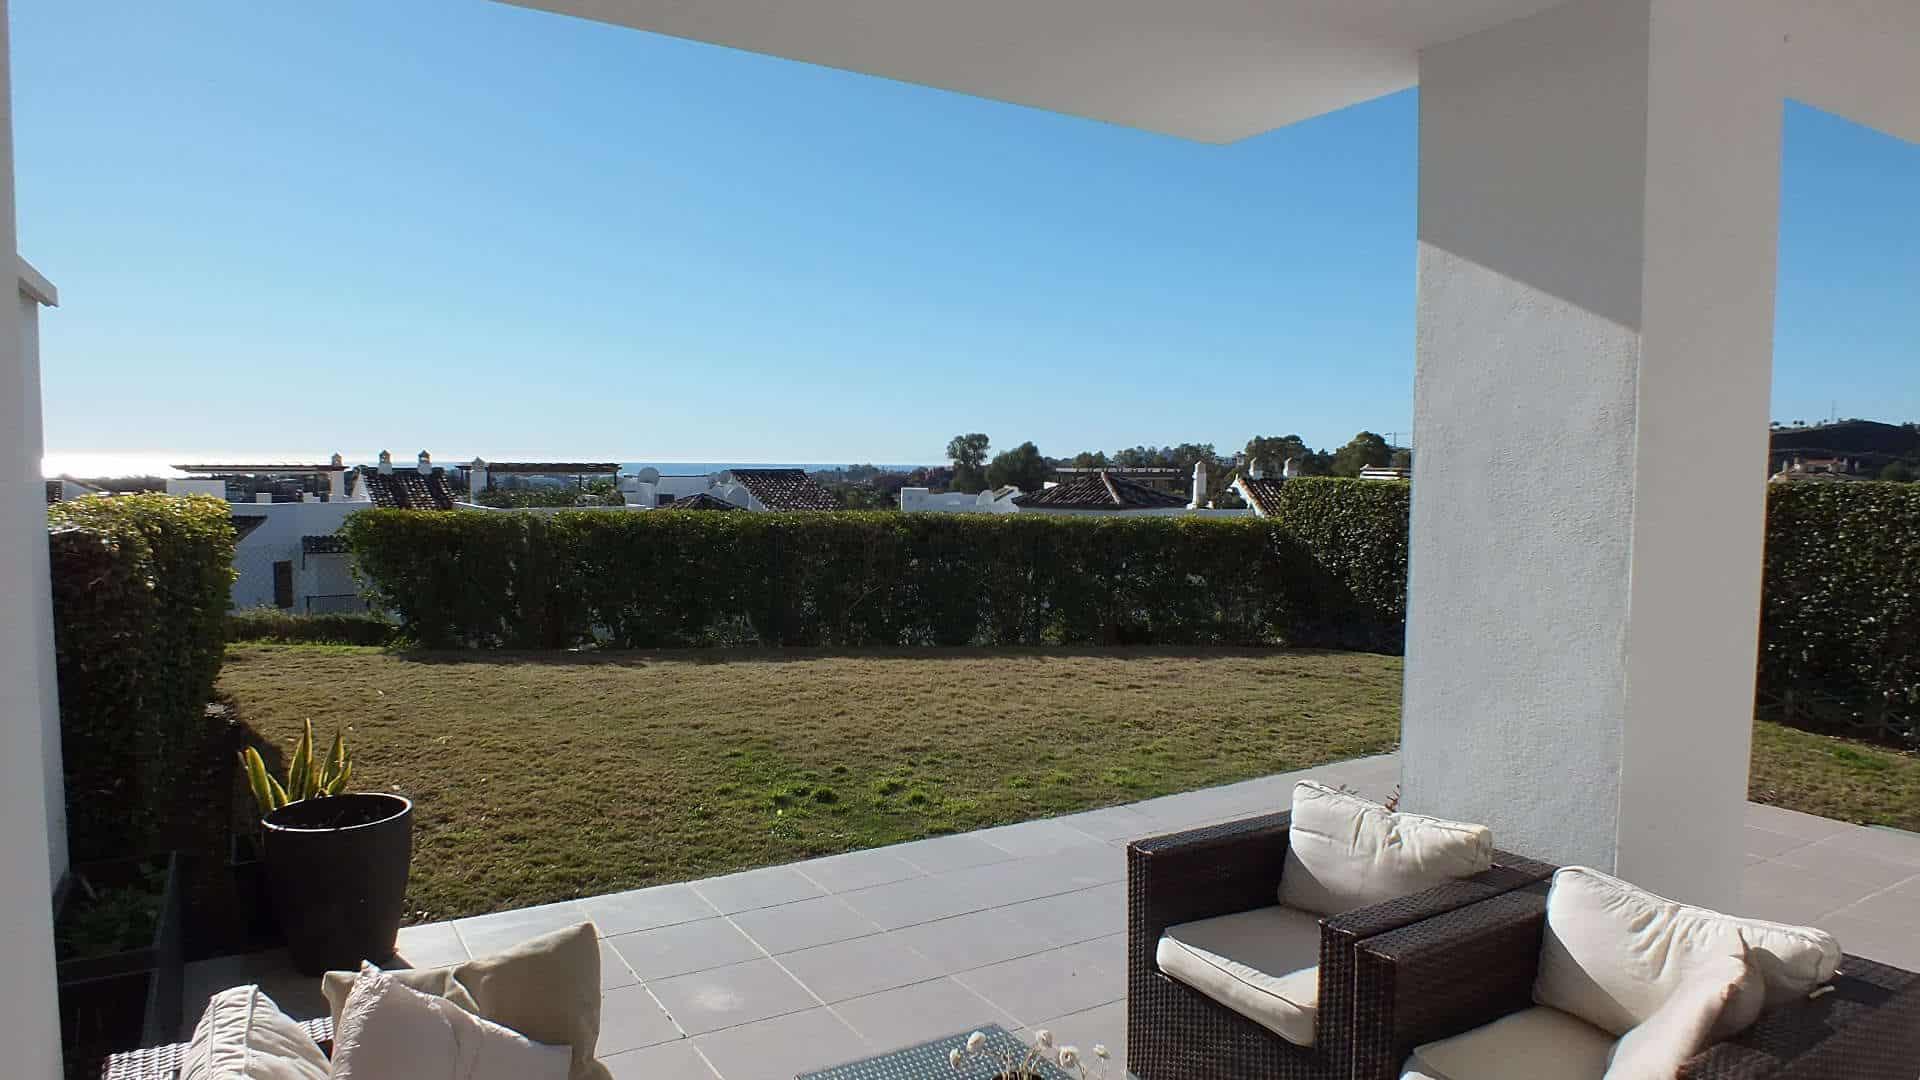 Modern 3 slaapkamer begane grond appartement met golf en zeezicht te koop in Los Robles de Los Arqueros, Benahavis